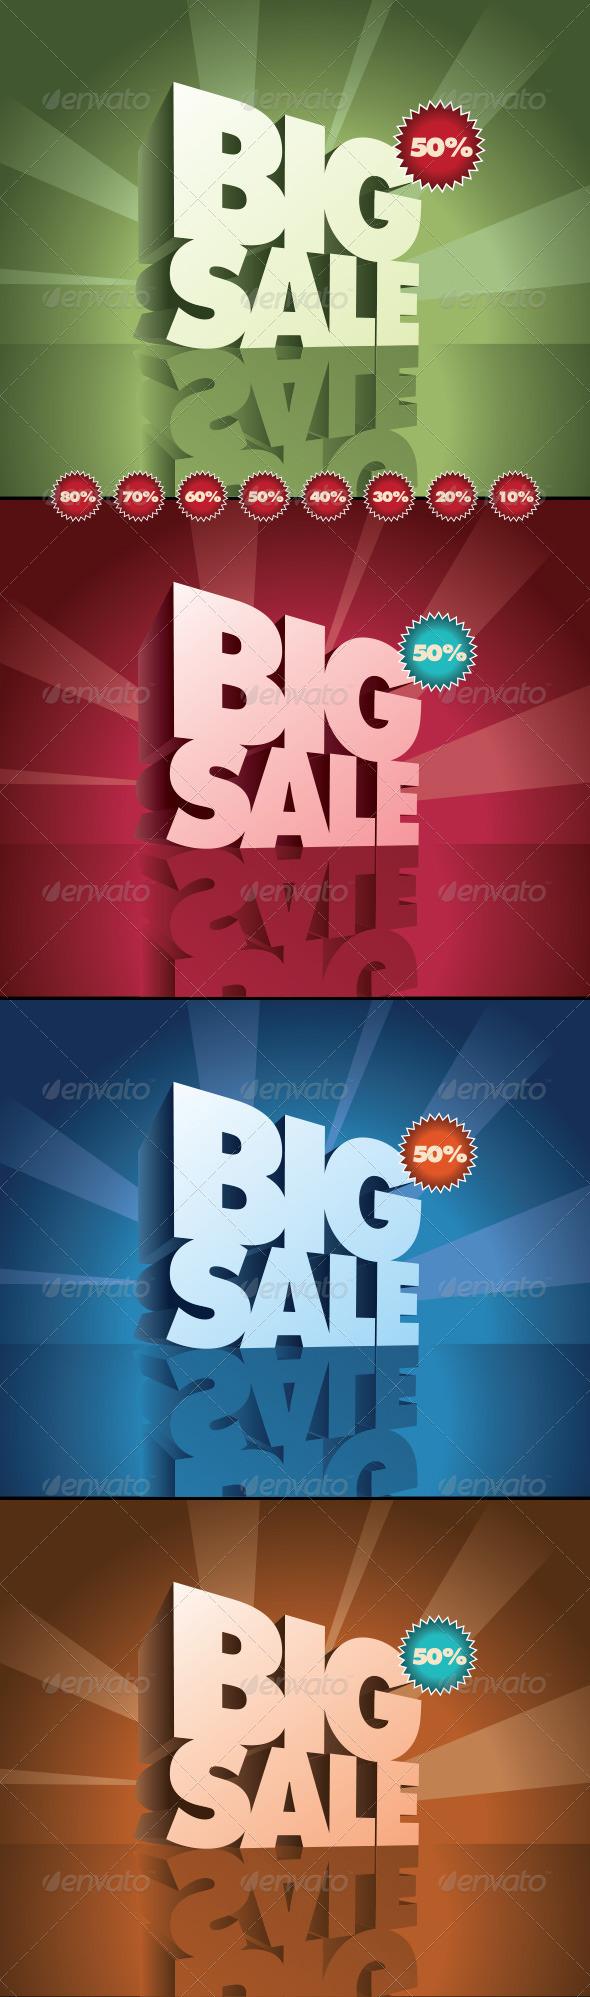 Big Sale - Concepts Business